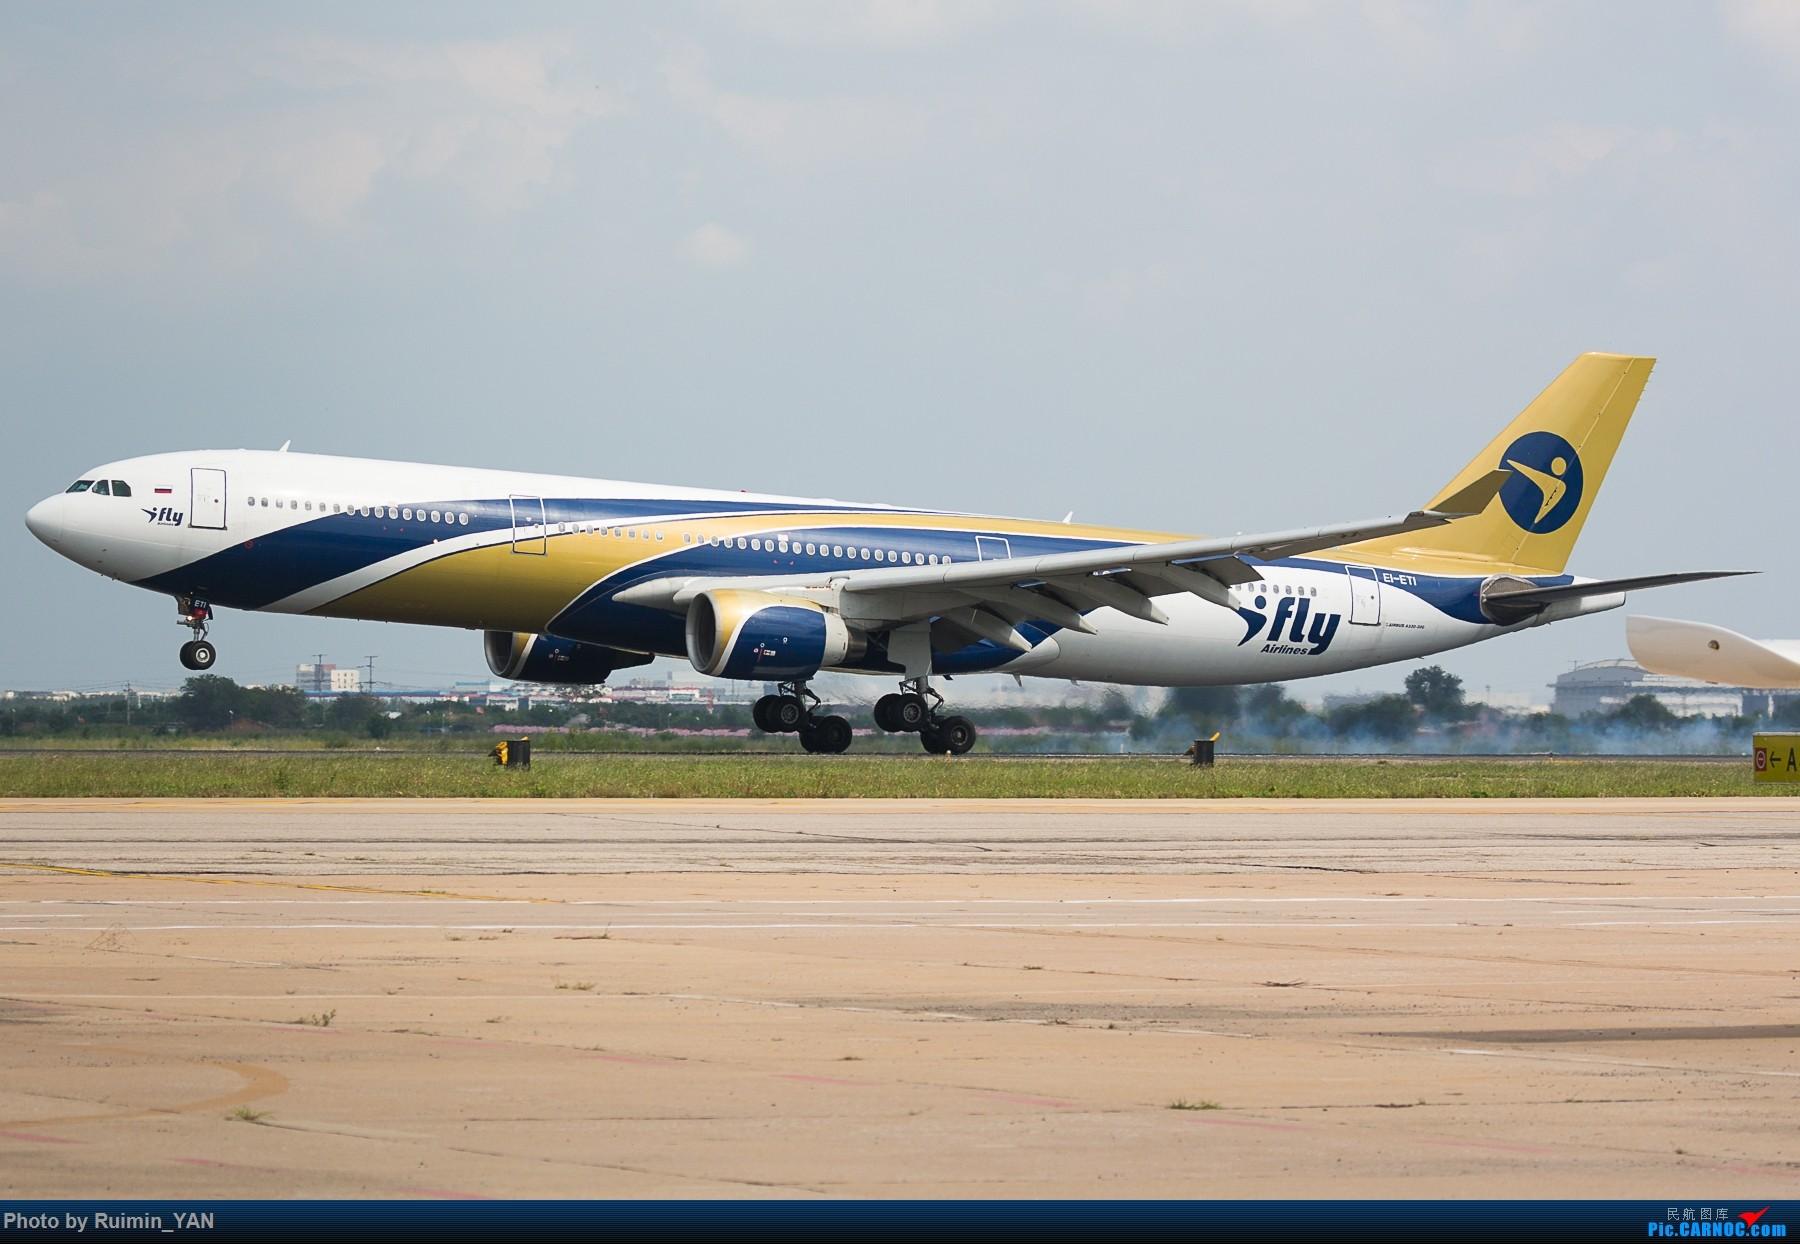 [原创]【TSN飞友会】俄罗斯艾菲航空(I-Fly,H59515)333 AIRBUS A330-300 EI-ETI 中国天津滨海国际机场